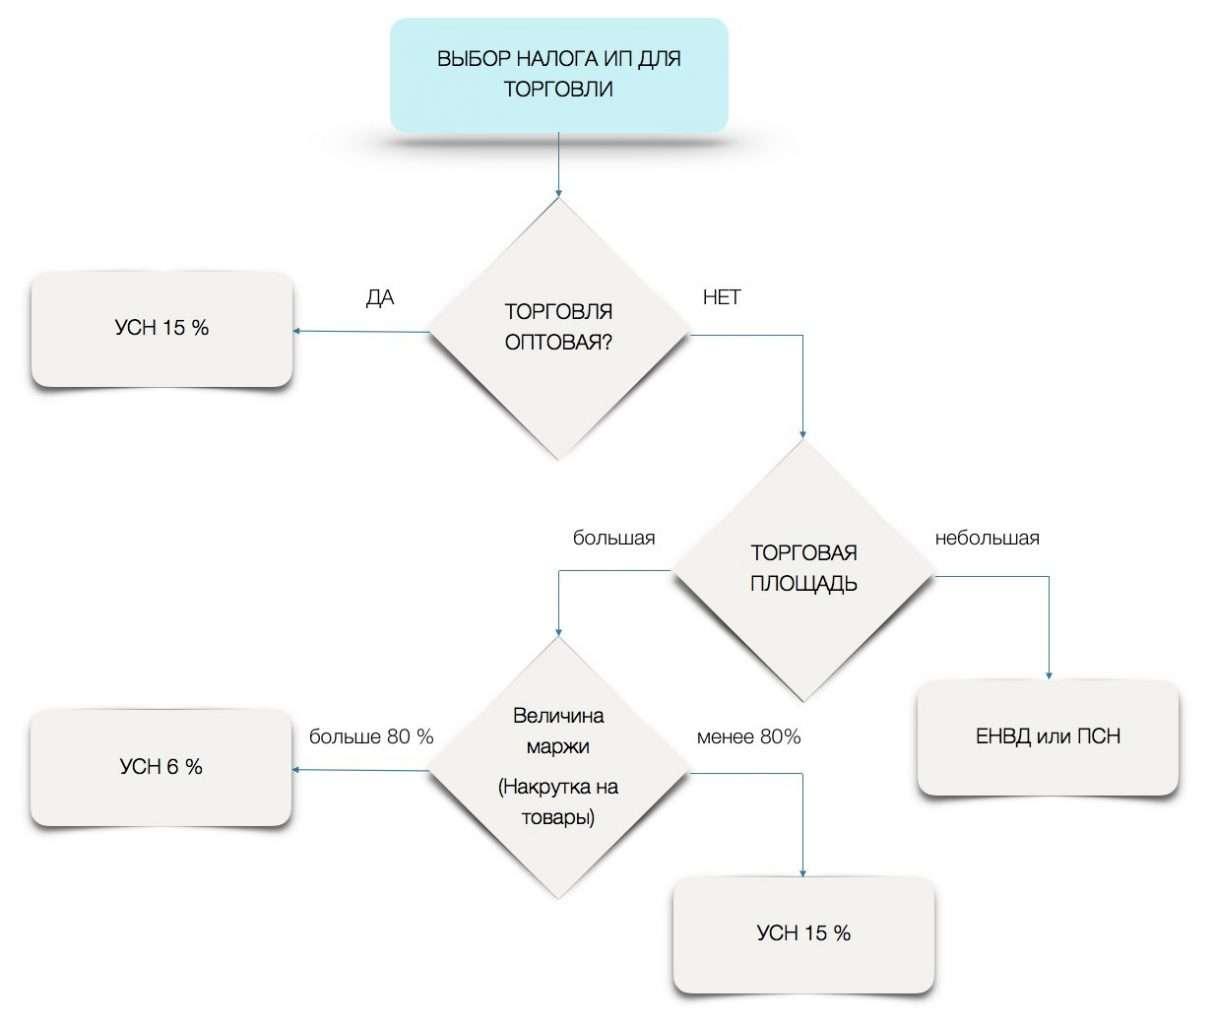 Схема выбора системы налогообложения ИПдля торговли